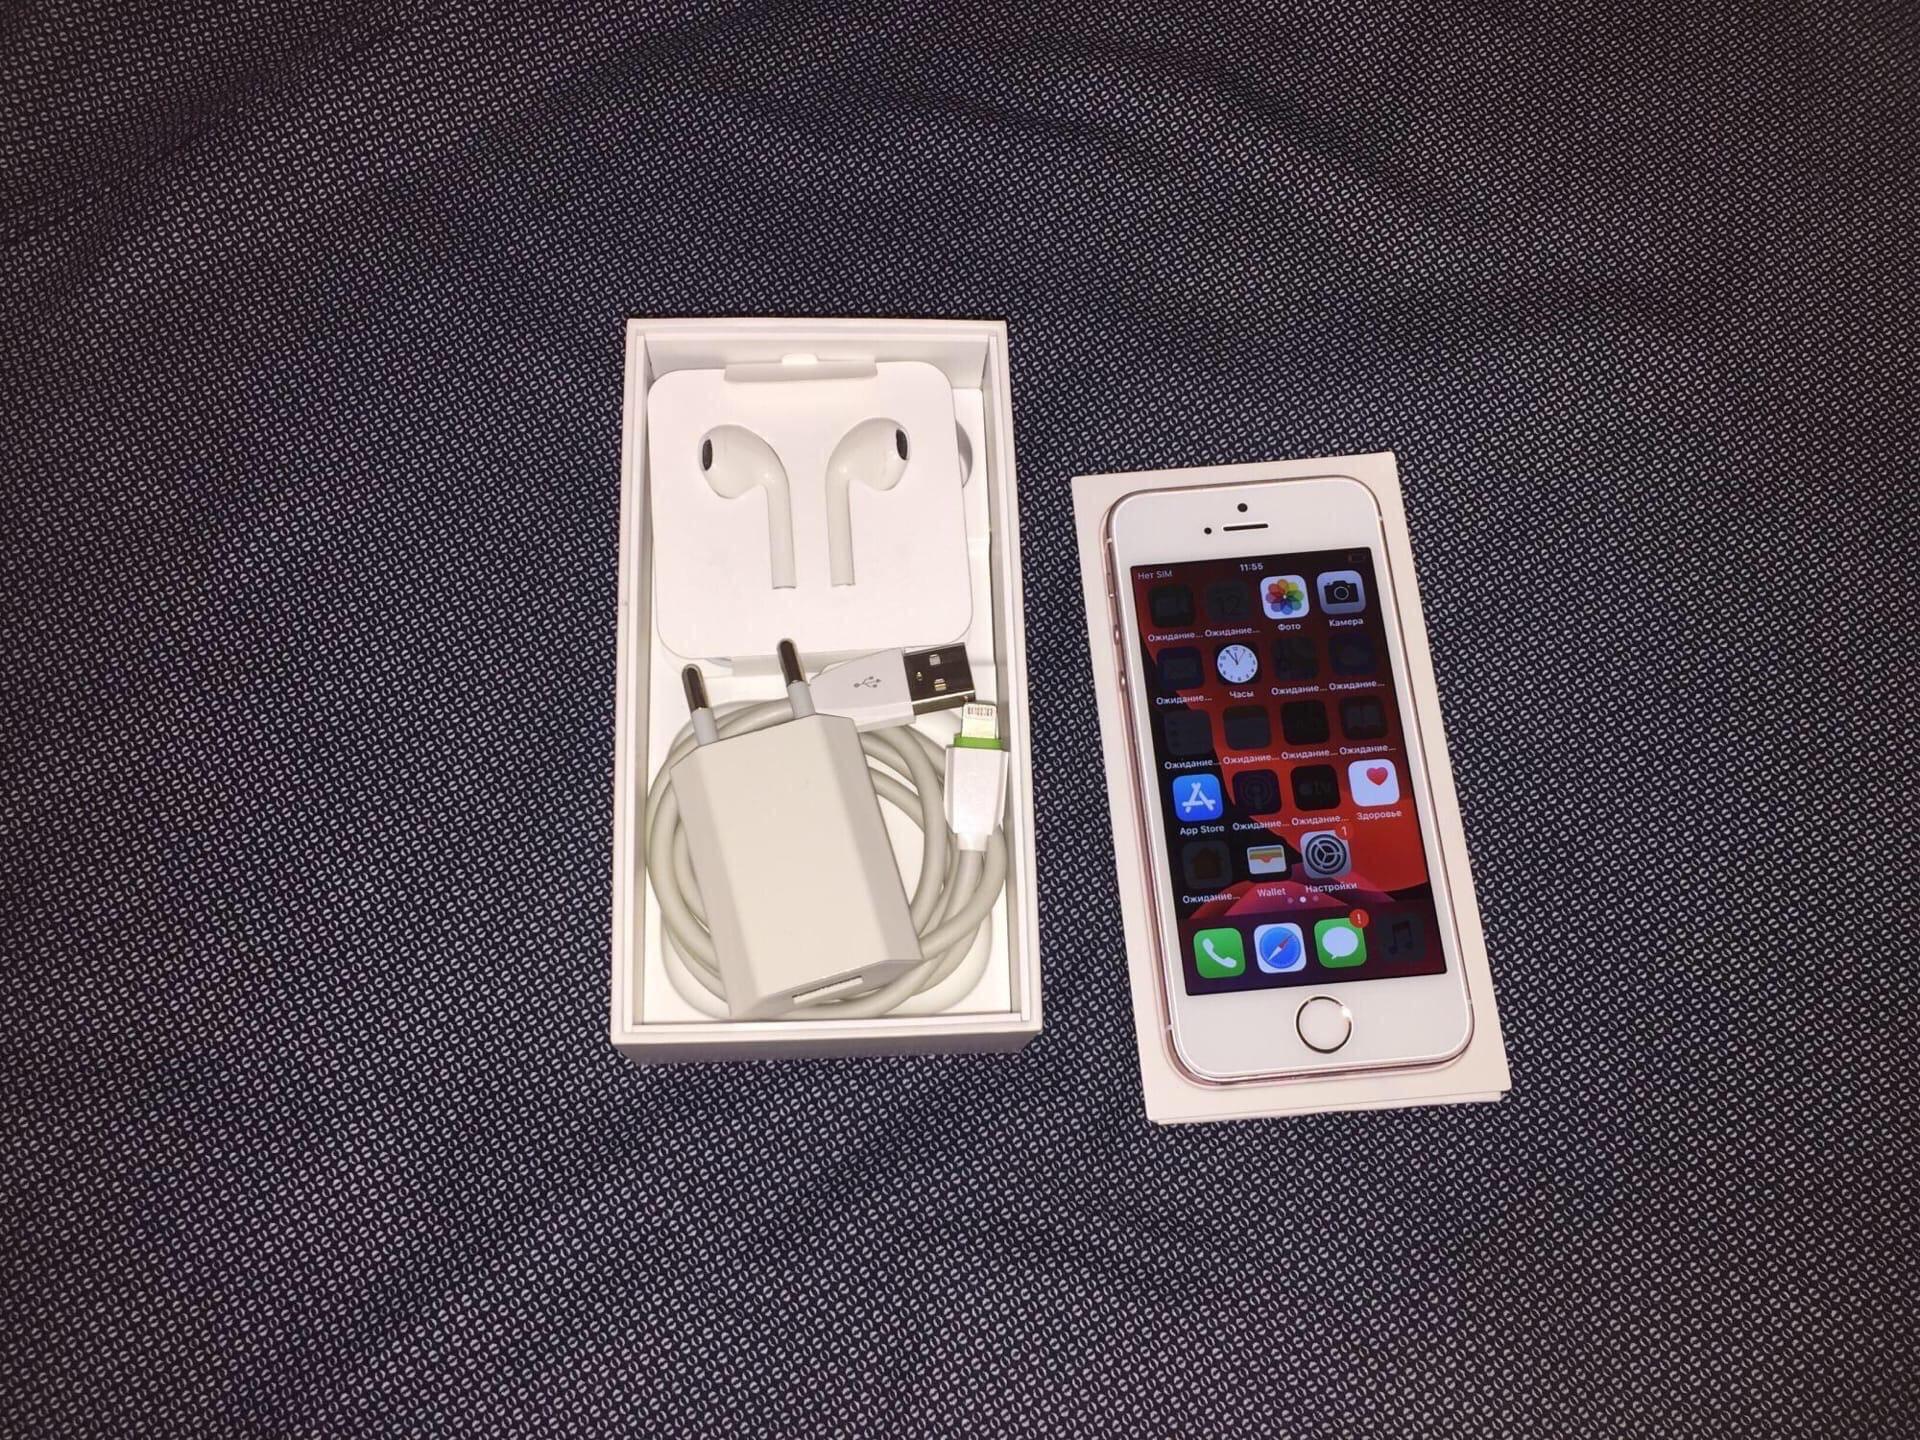 Купить iPhone SE в отличном состоянии. Все | Объявления Орска и Новотроицка №3085